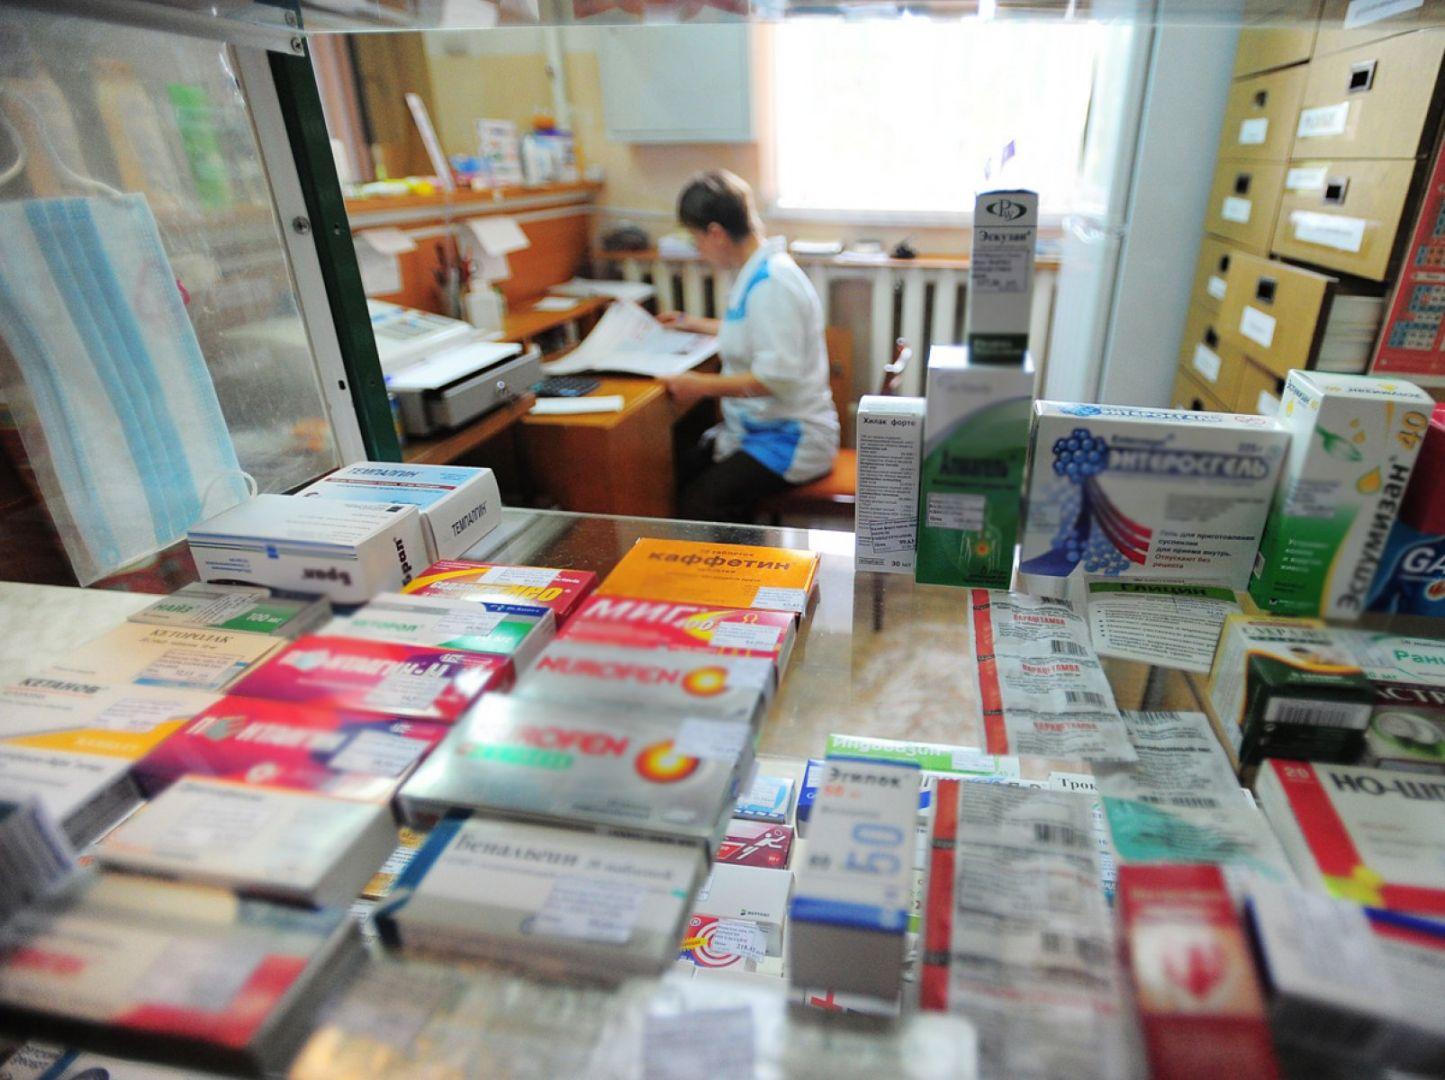 Ставропольские фармацевты пожаловались на необоснованно низкие цены в новой аптечной сети